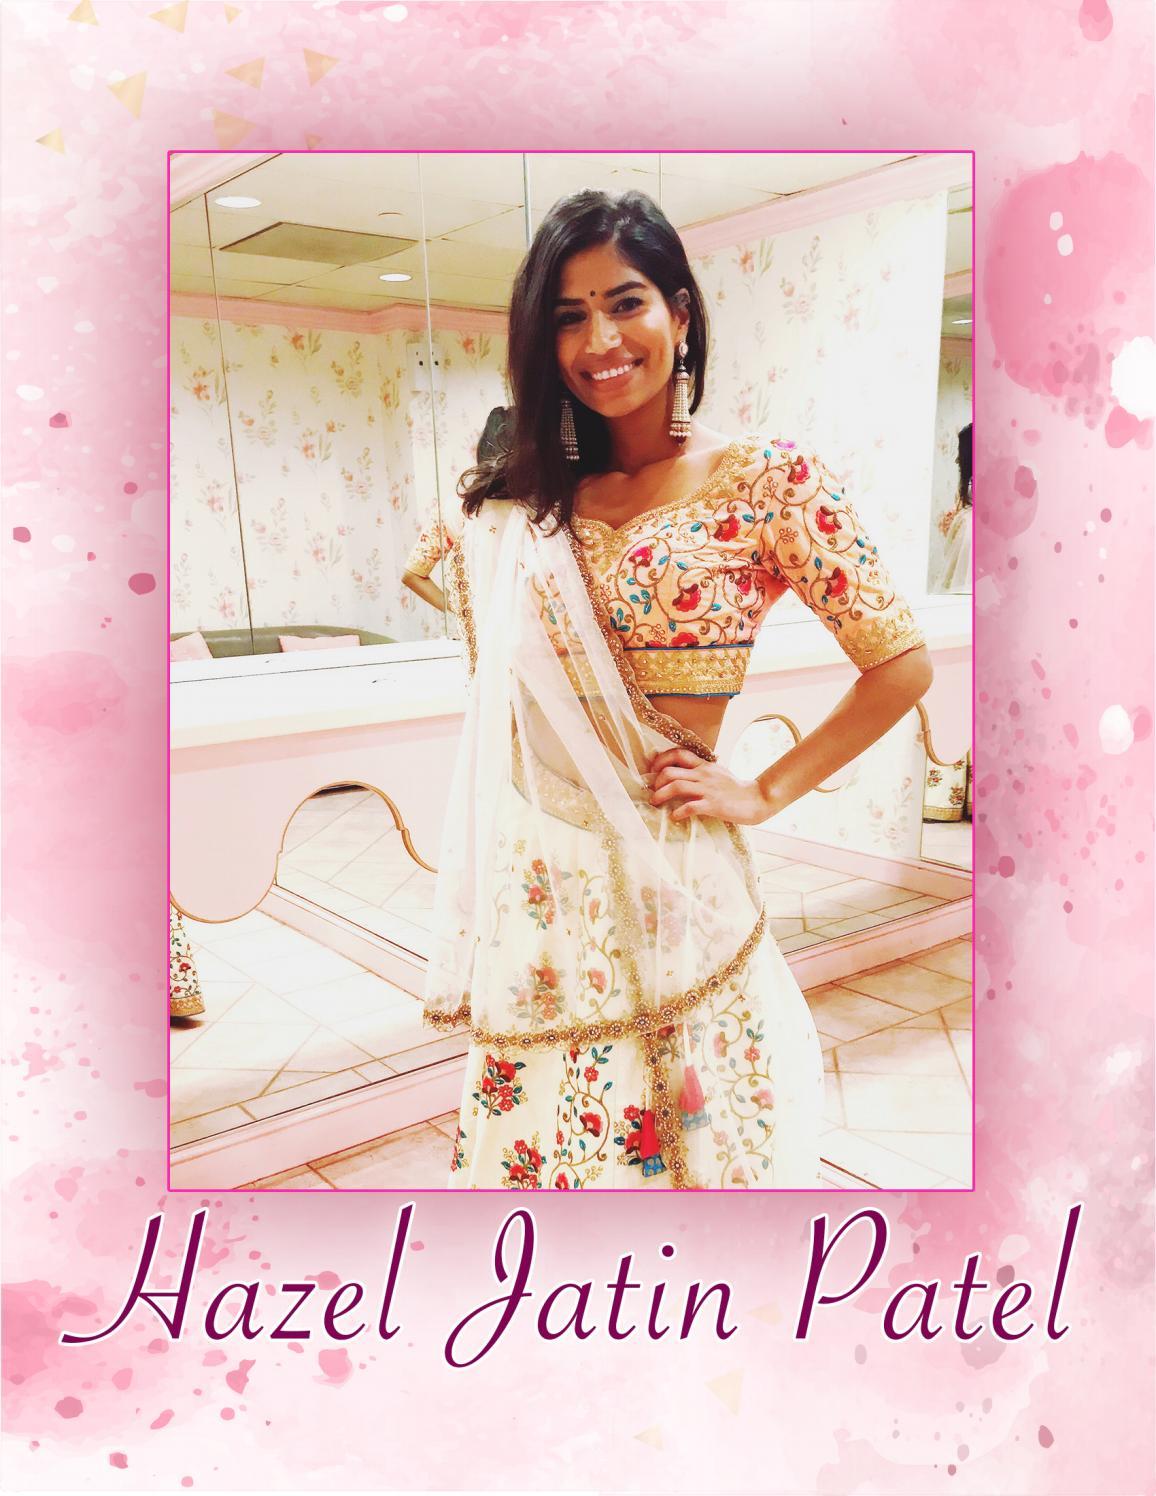 Hazel Jatin Patel by Meals for kids - issuu